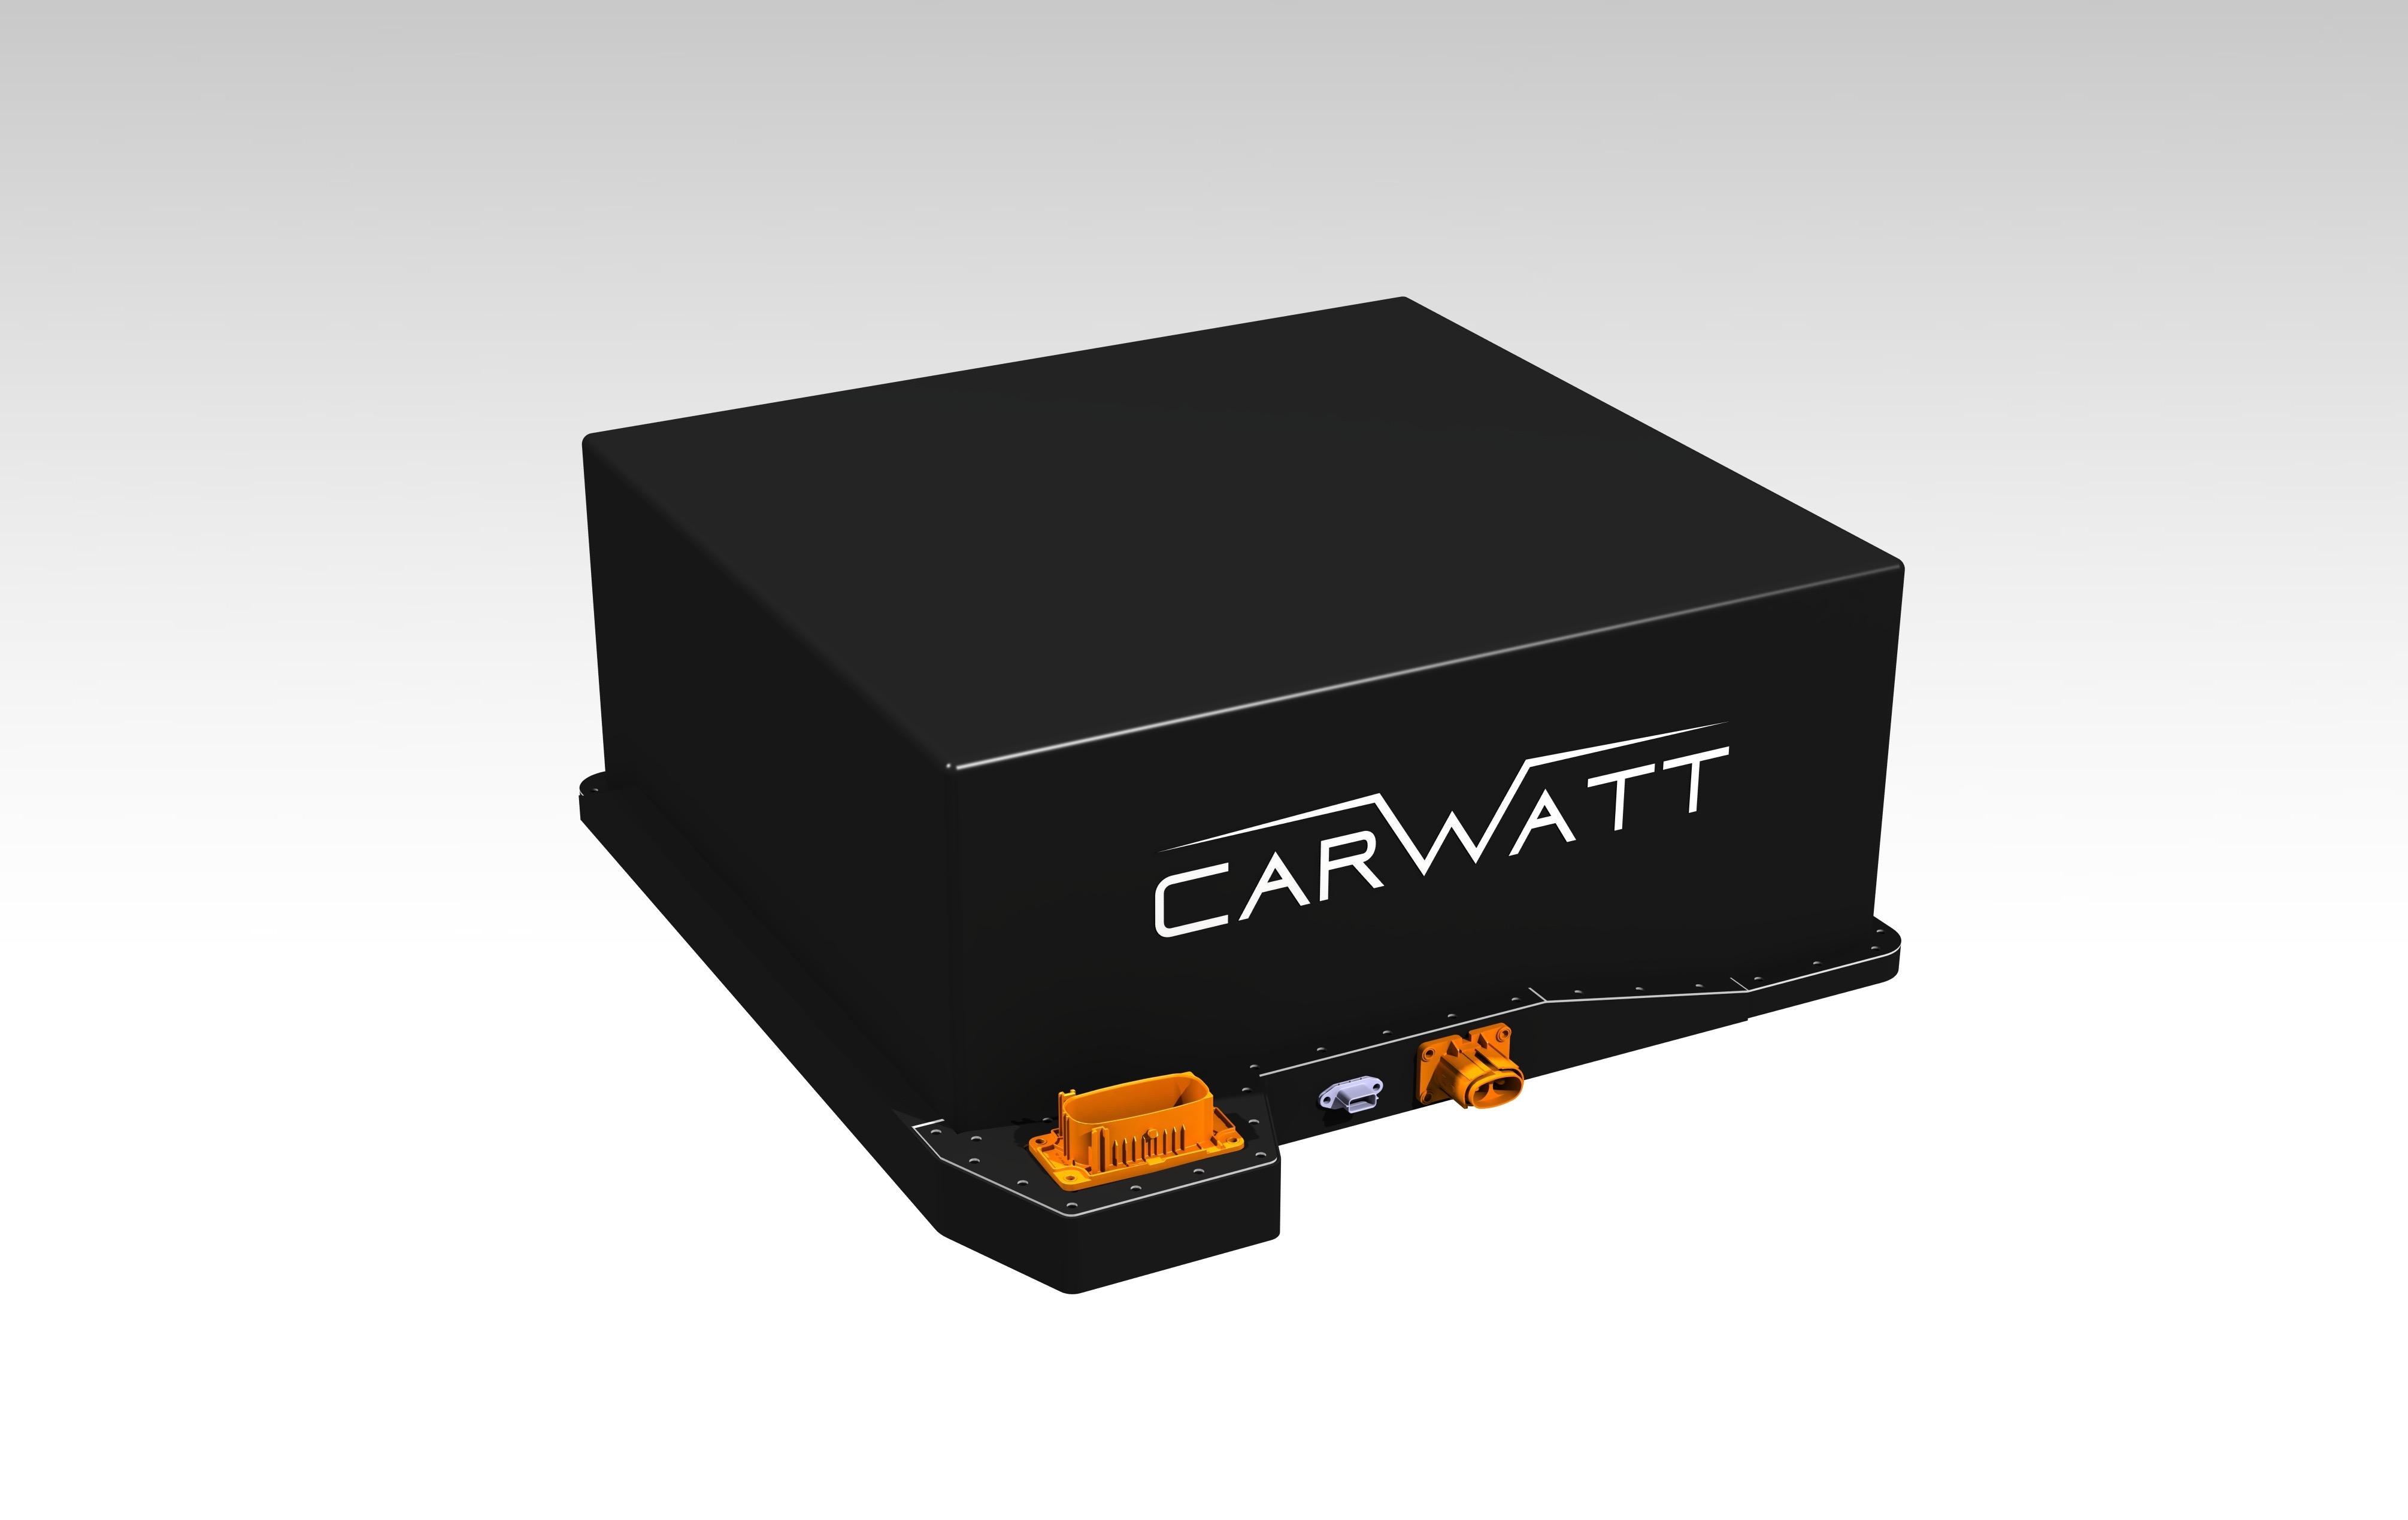 Gallery Carwatt 3